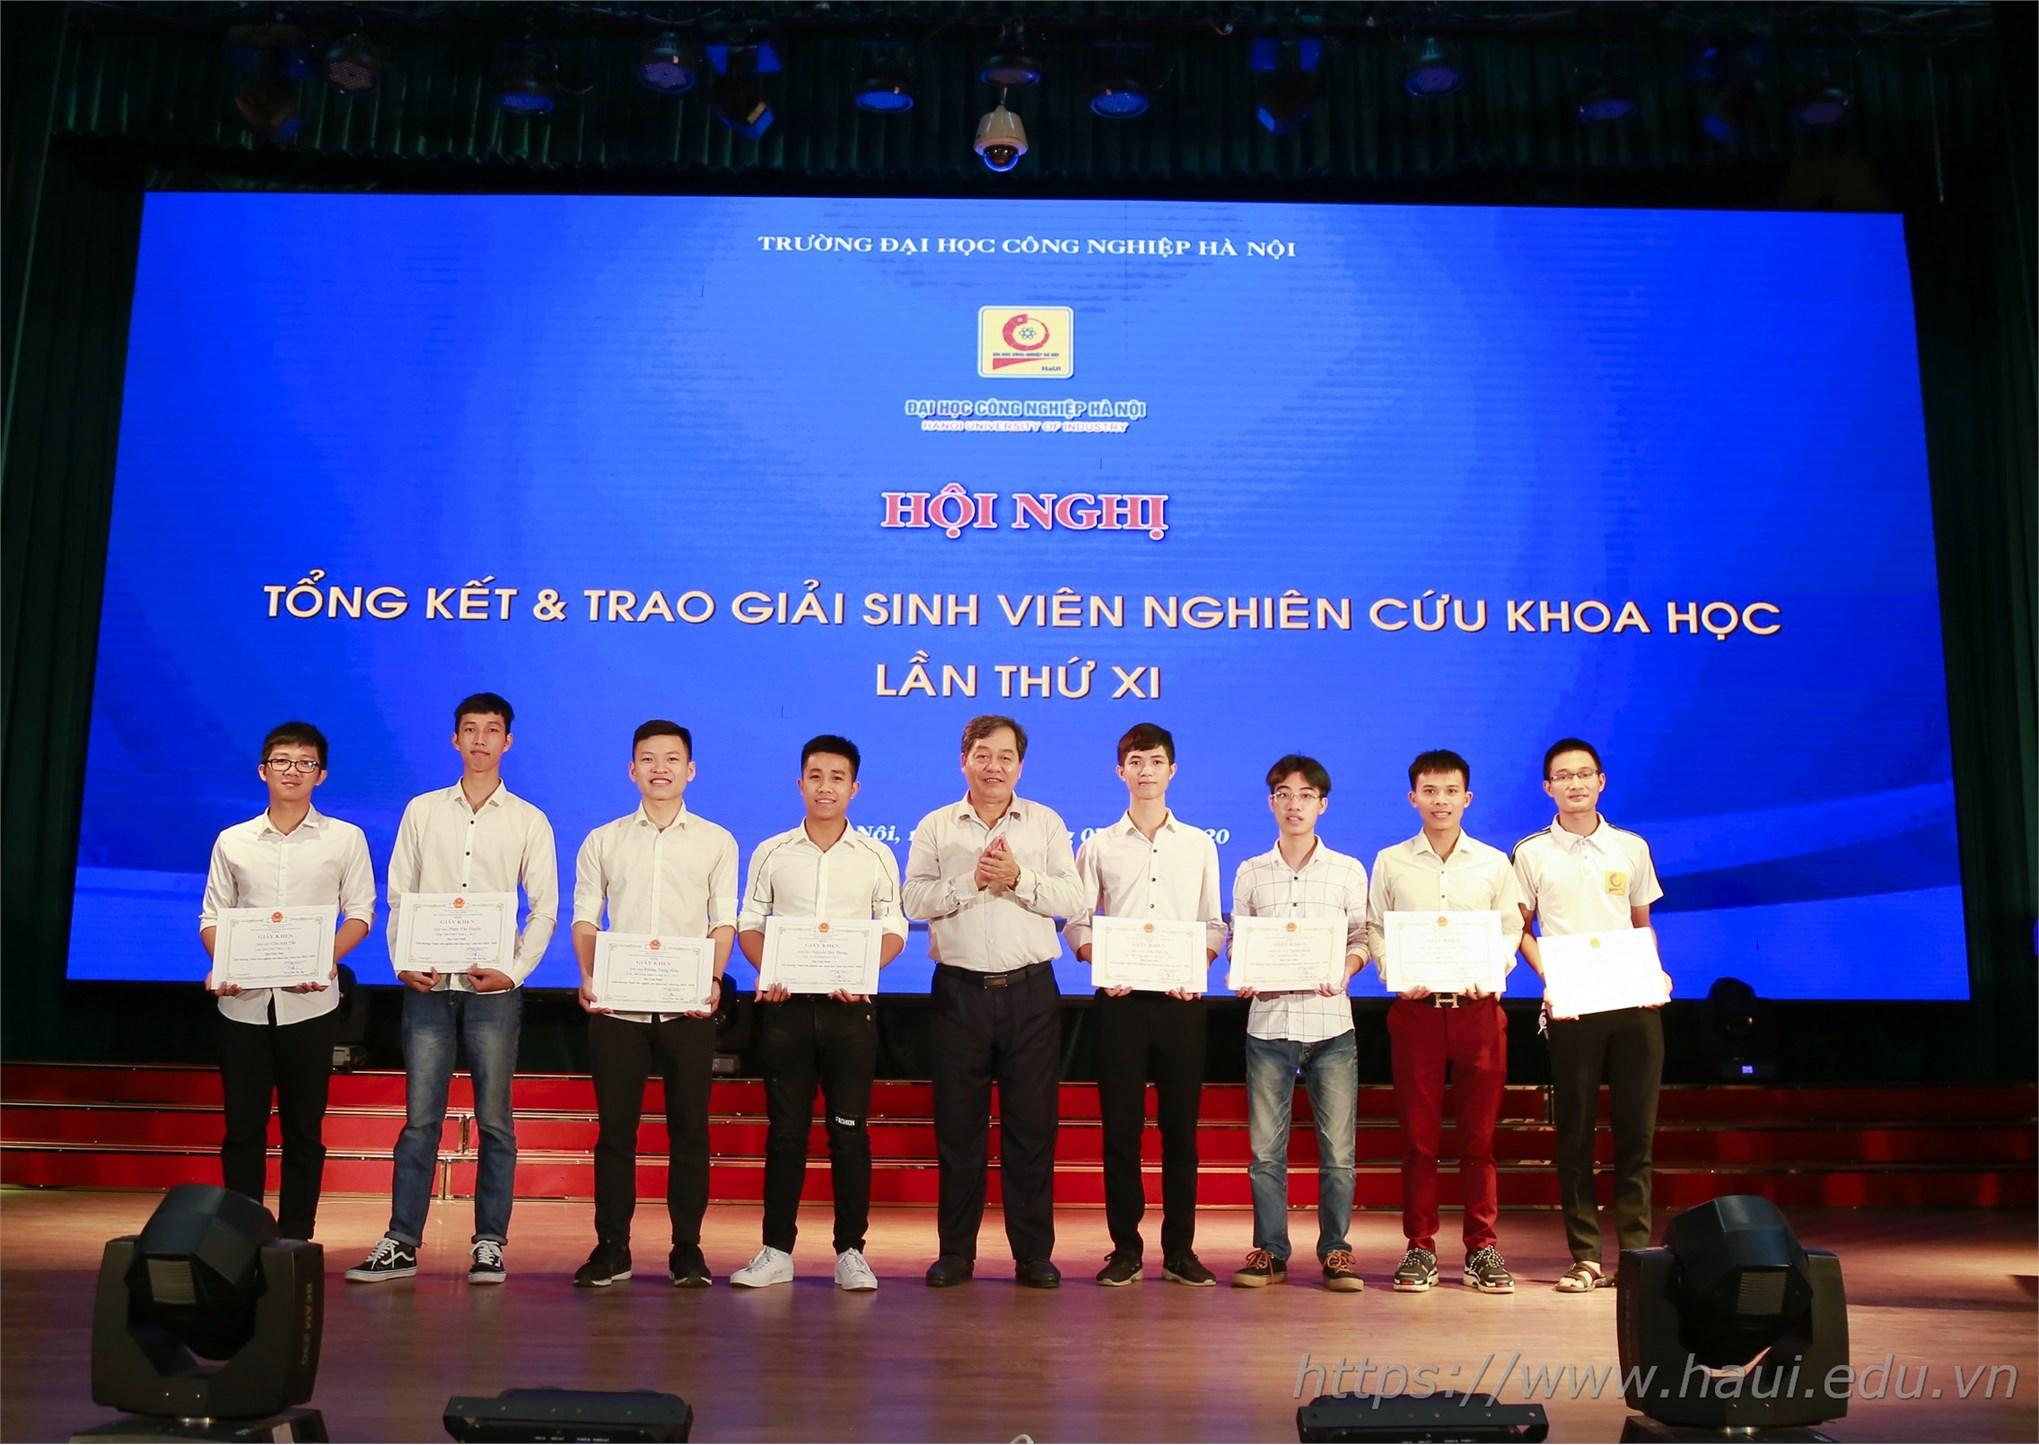 Hội nghị tổng kết và trao giải sinh viên nghiên cứu khoa học lần thứ XI